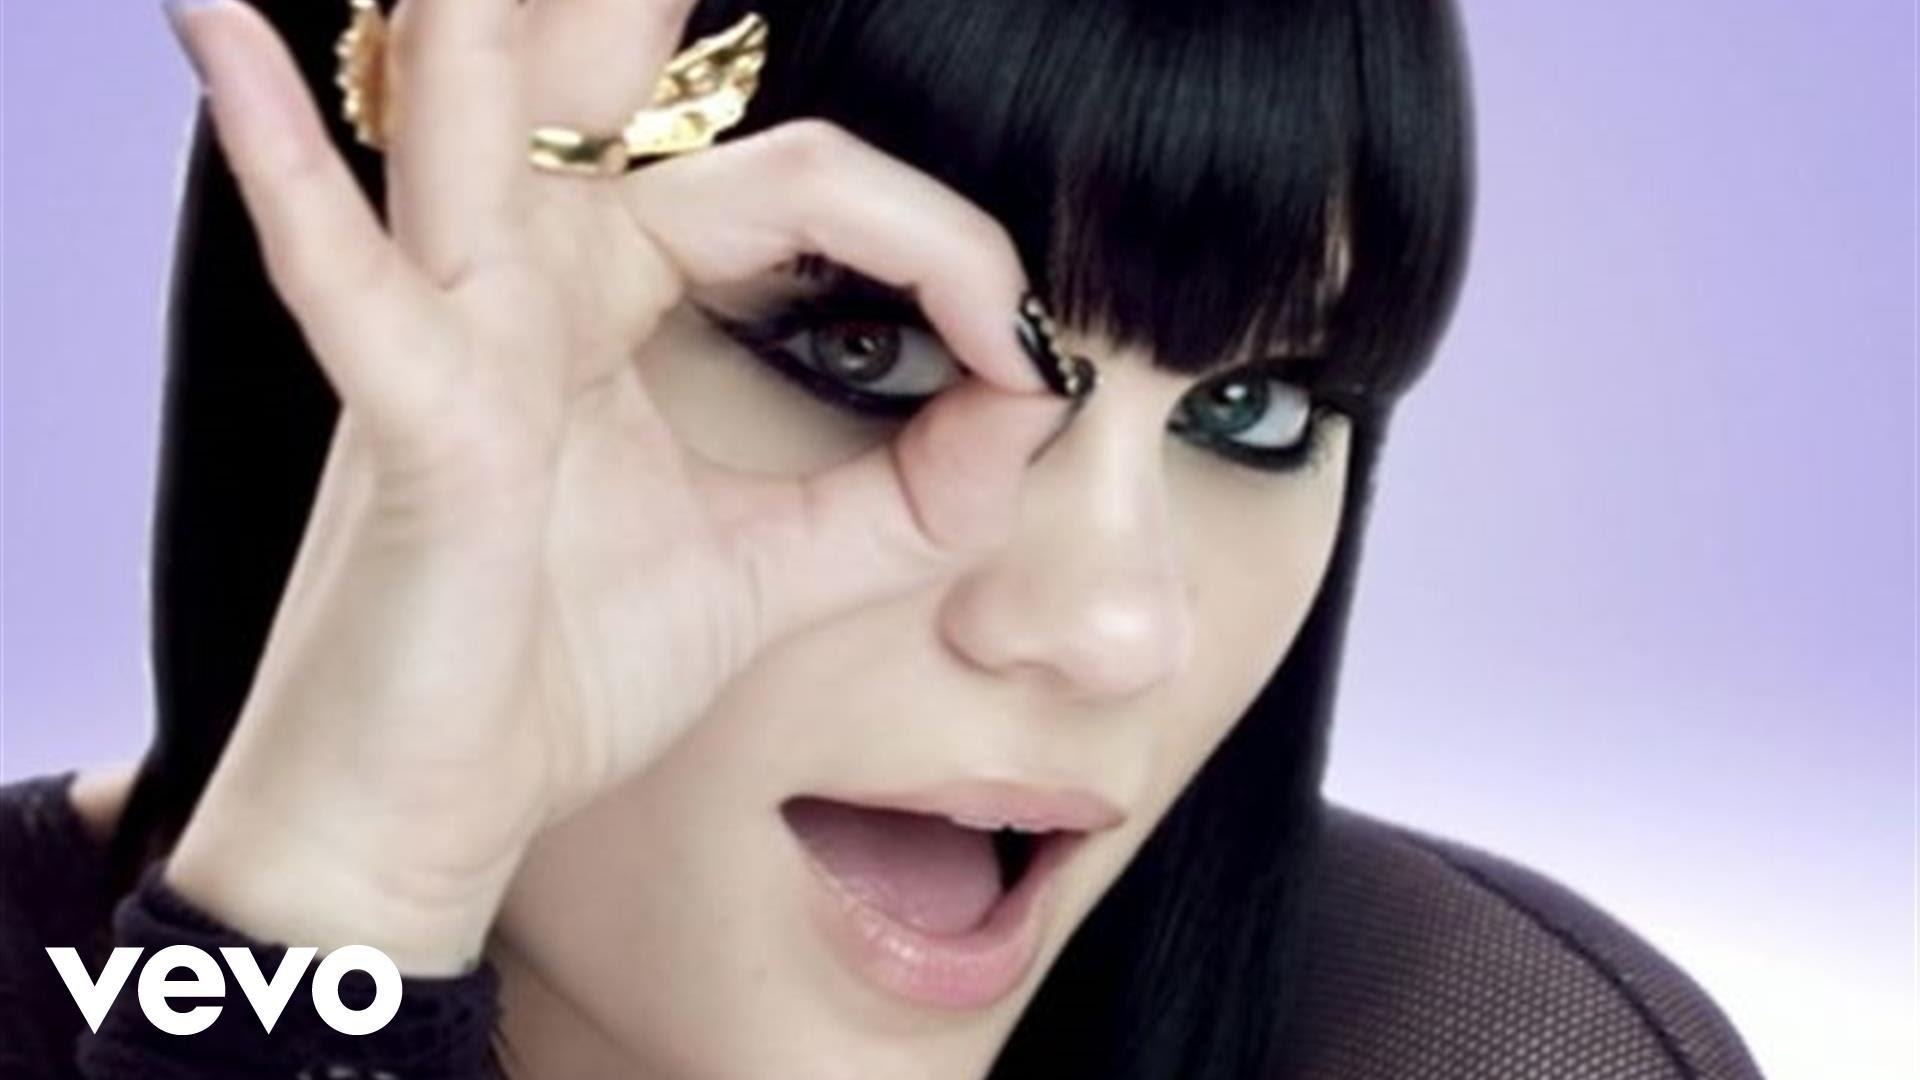 Jessie J – Price Tag feat. B.o.B.